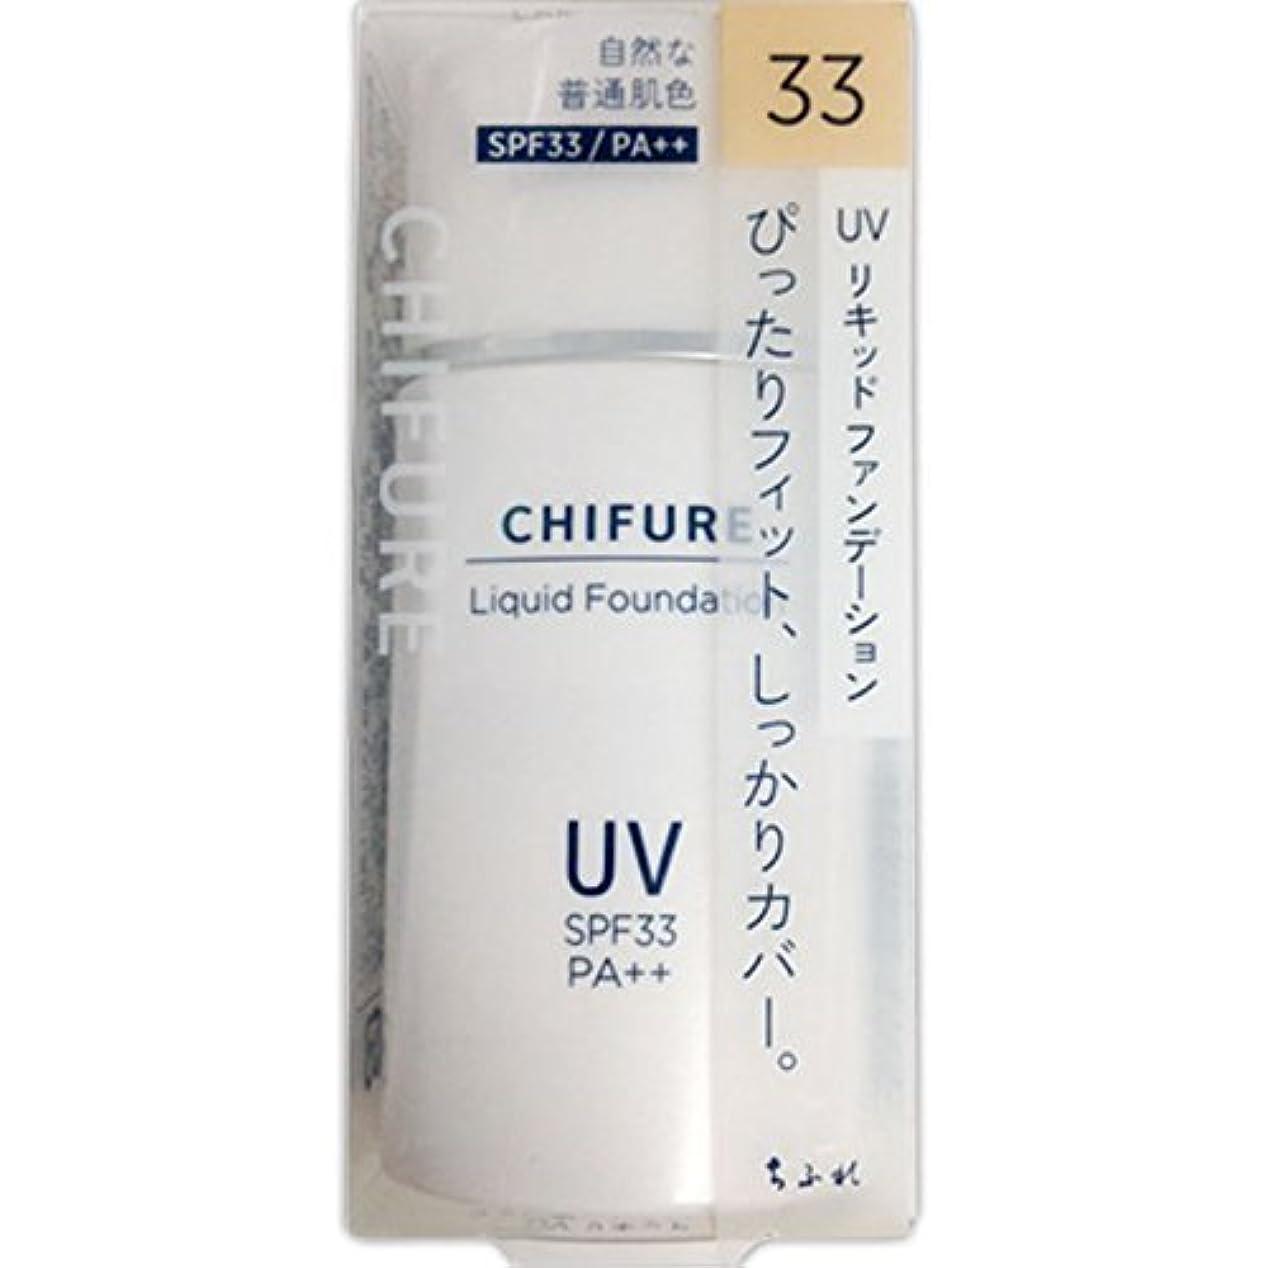 予備男やもめサドルちふれ化粧品 UV リキッド ファンデーション 33 自然な普通肌色 30ML